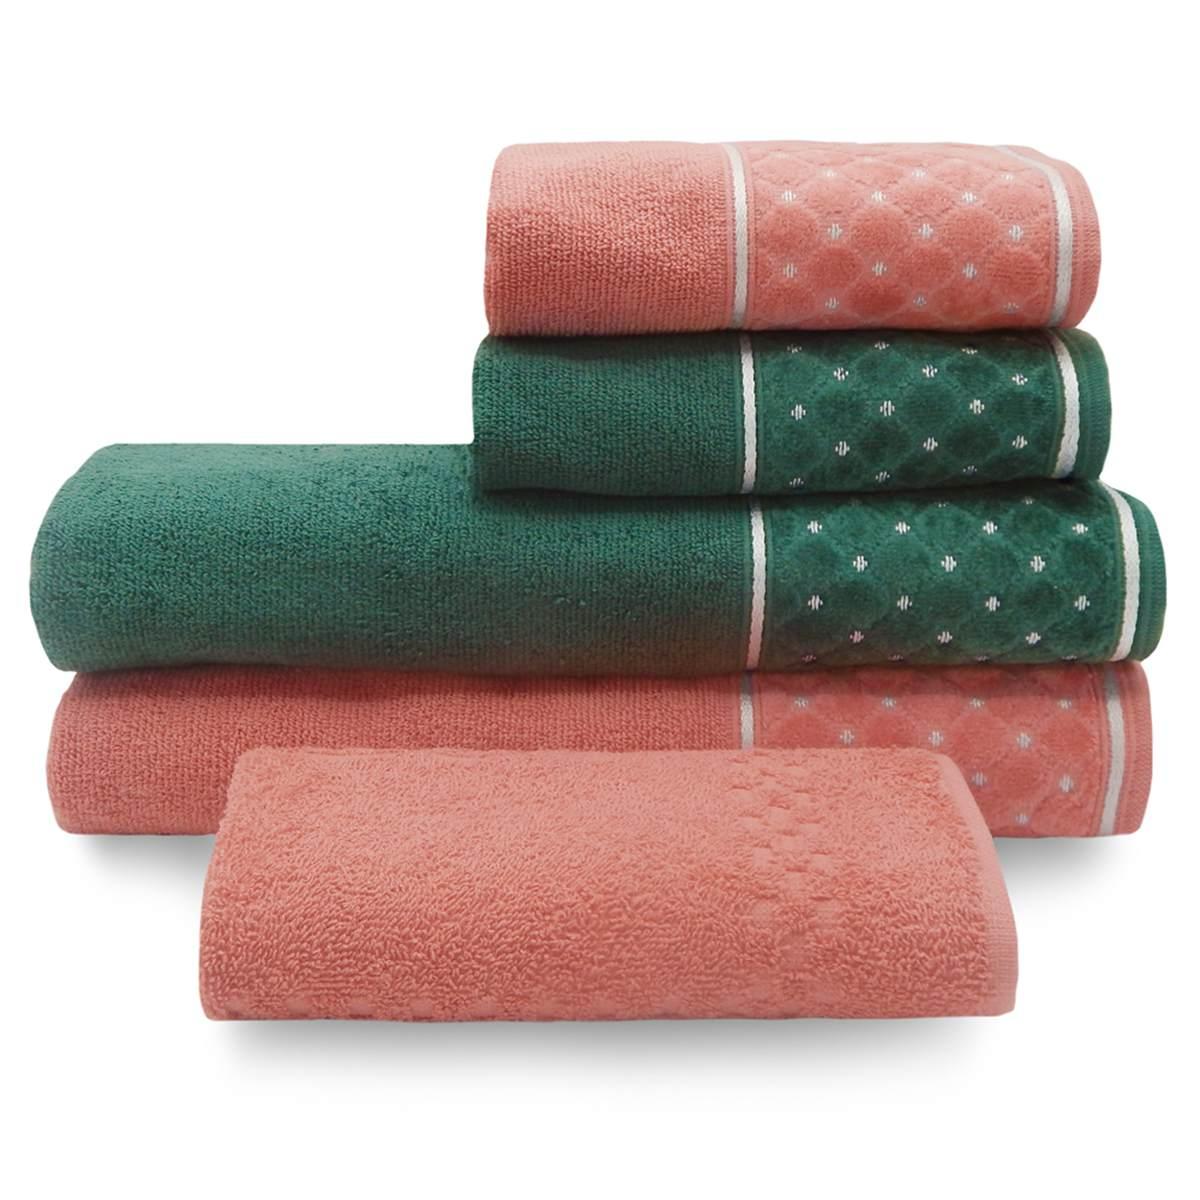 Jogo de Toalha Safira 5 peças 2 cores Blush/Verde